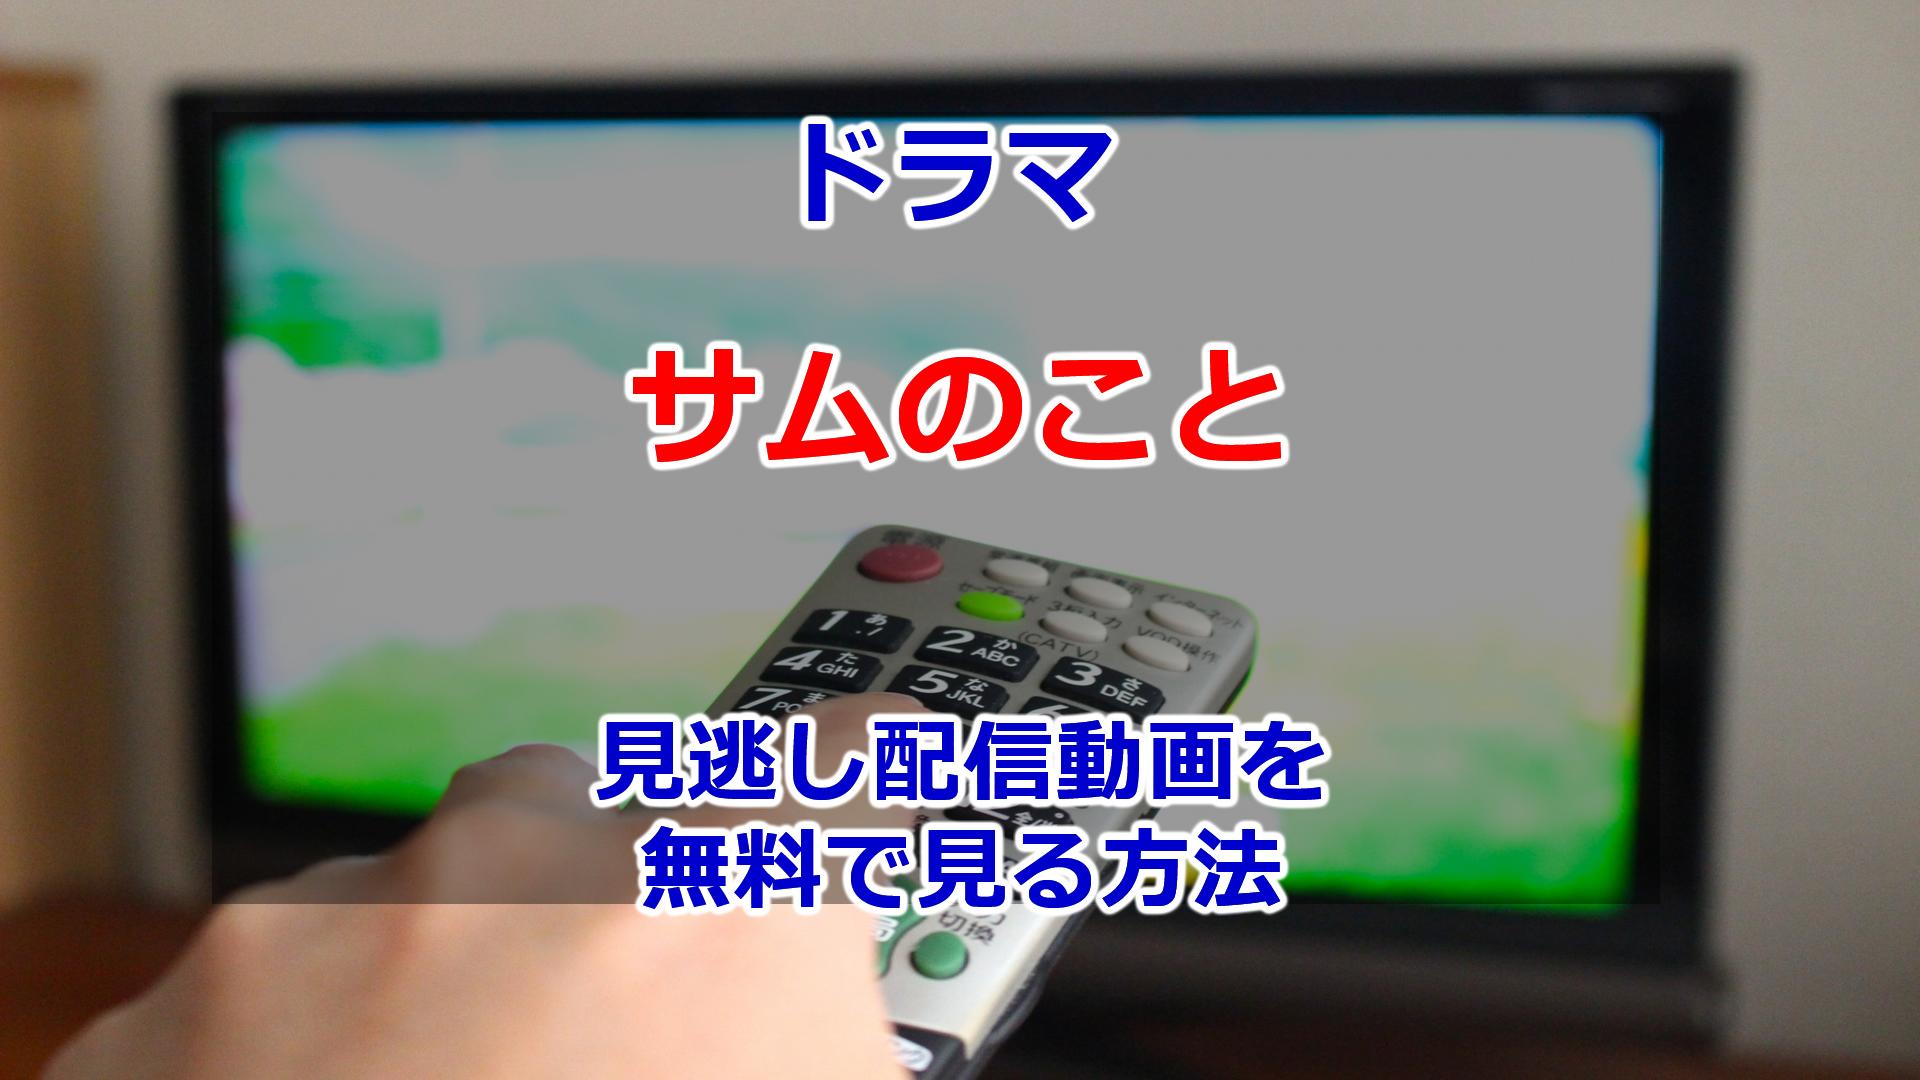 ドラマ「サムのこと」見逃し配信動画をスマホで無料視聴する方法!